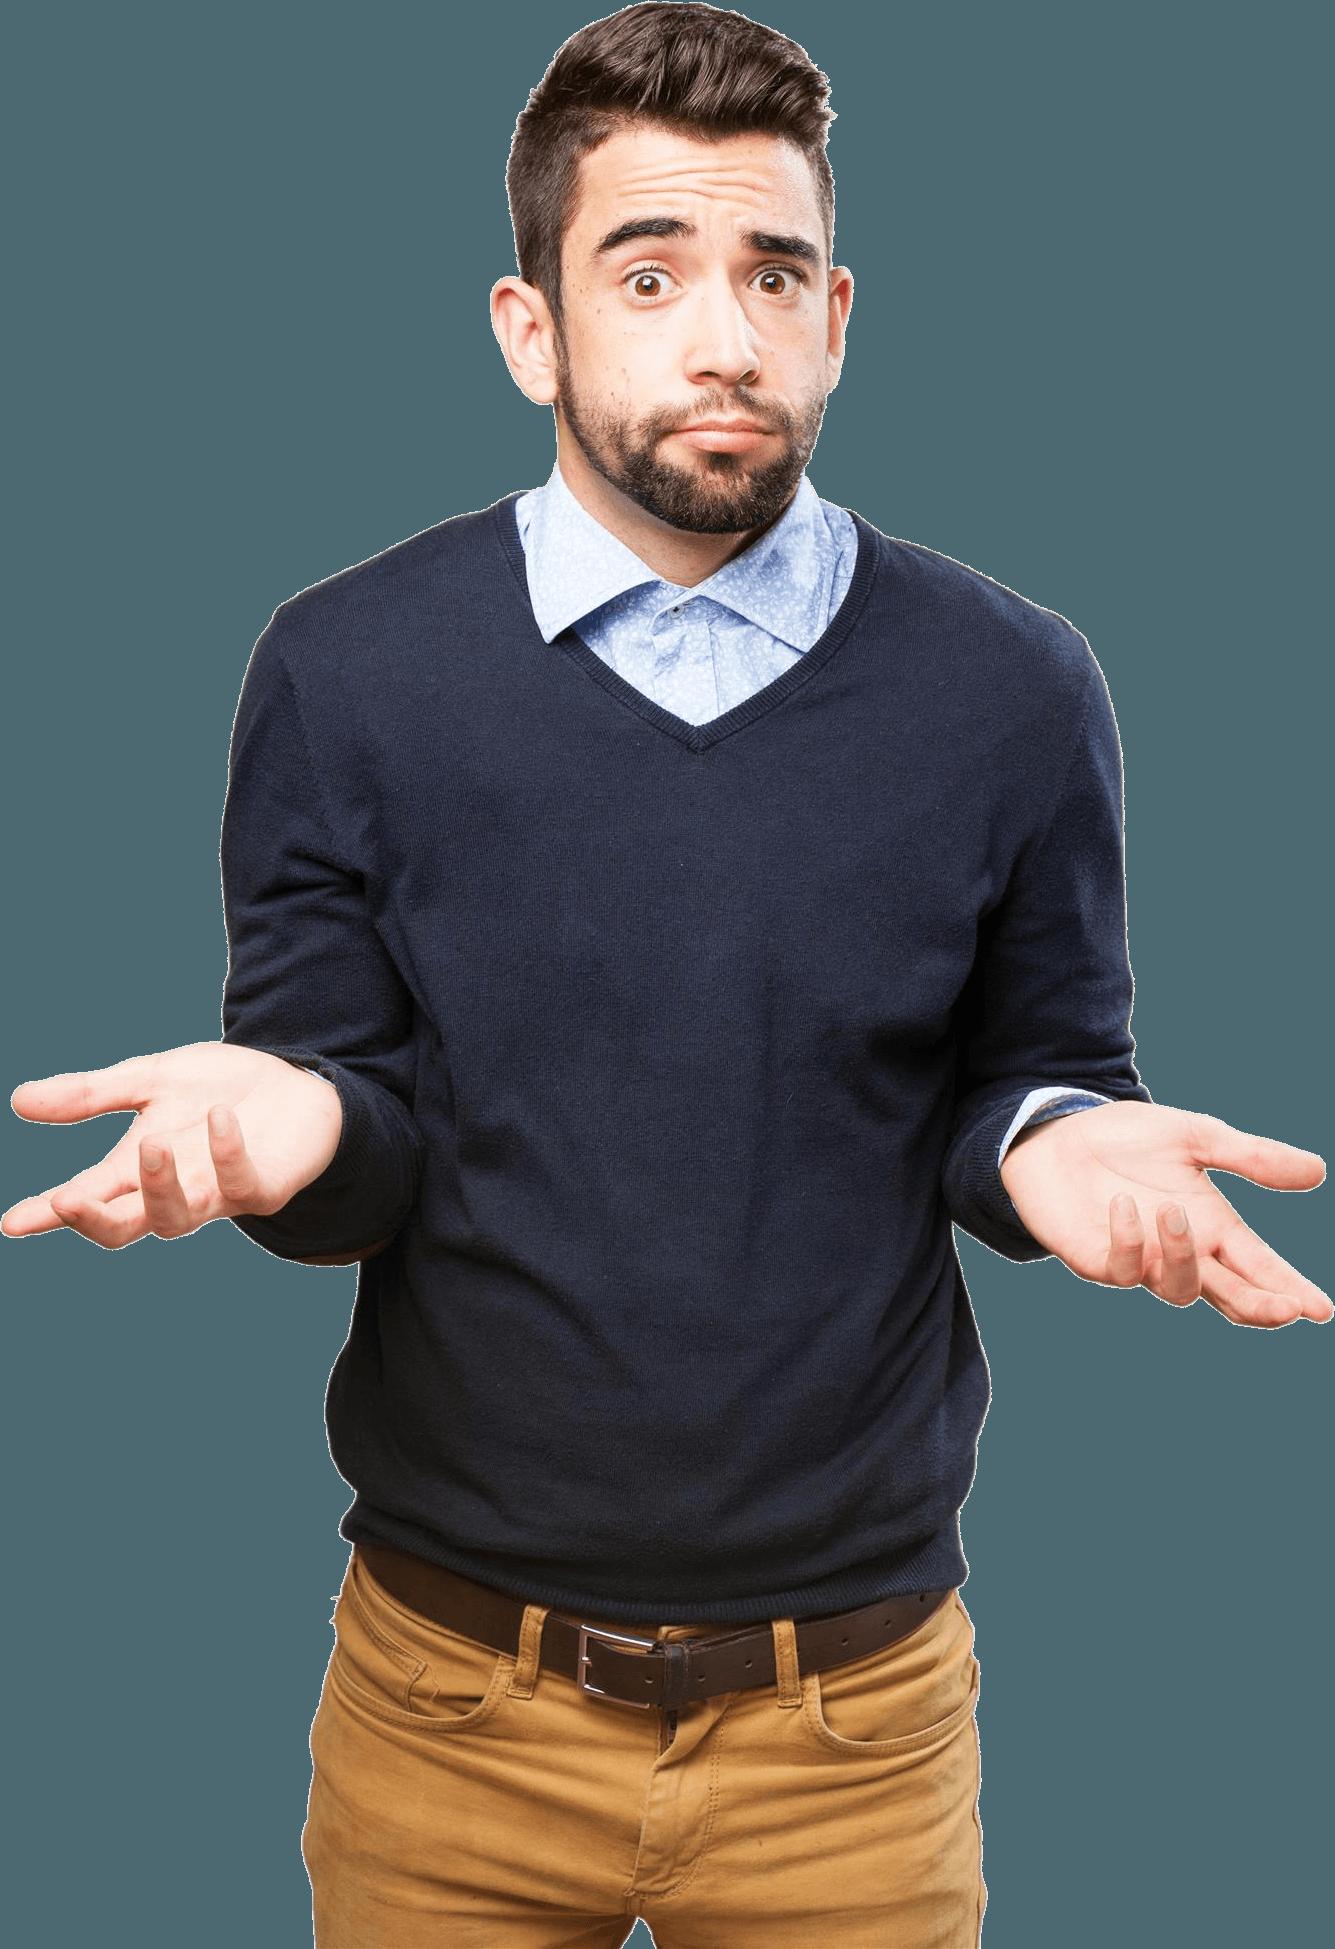 Резюме бухгалтера на українській мові приклад